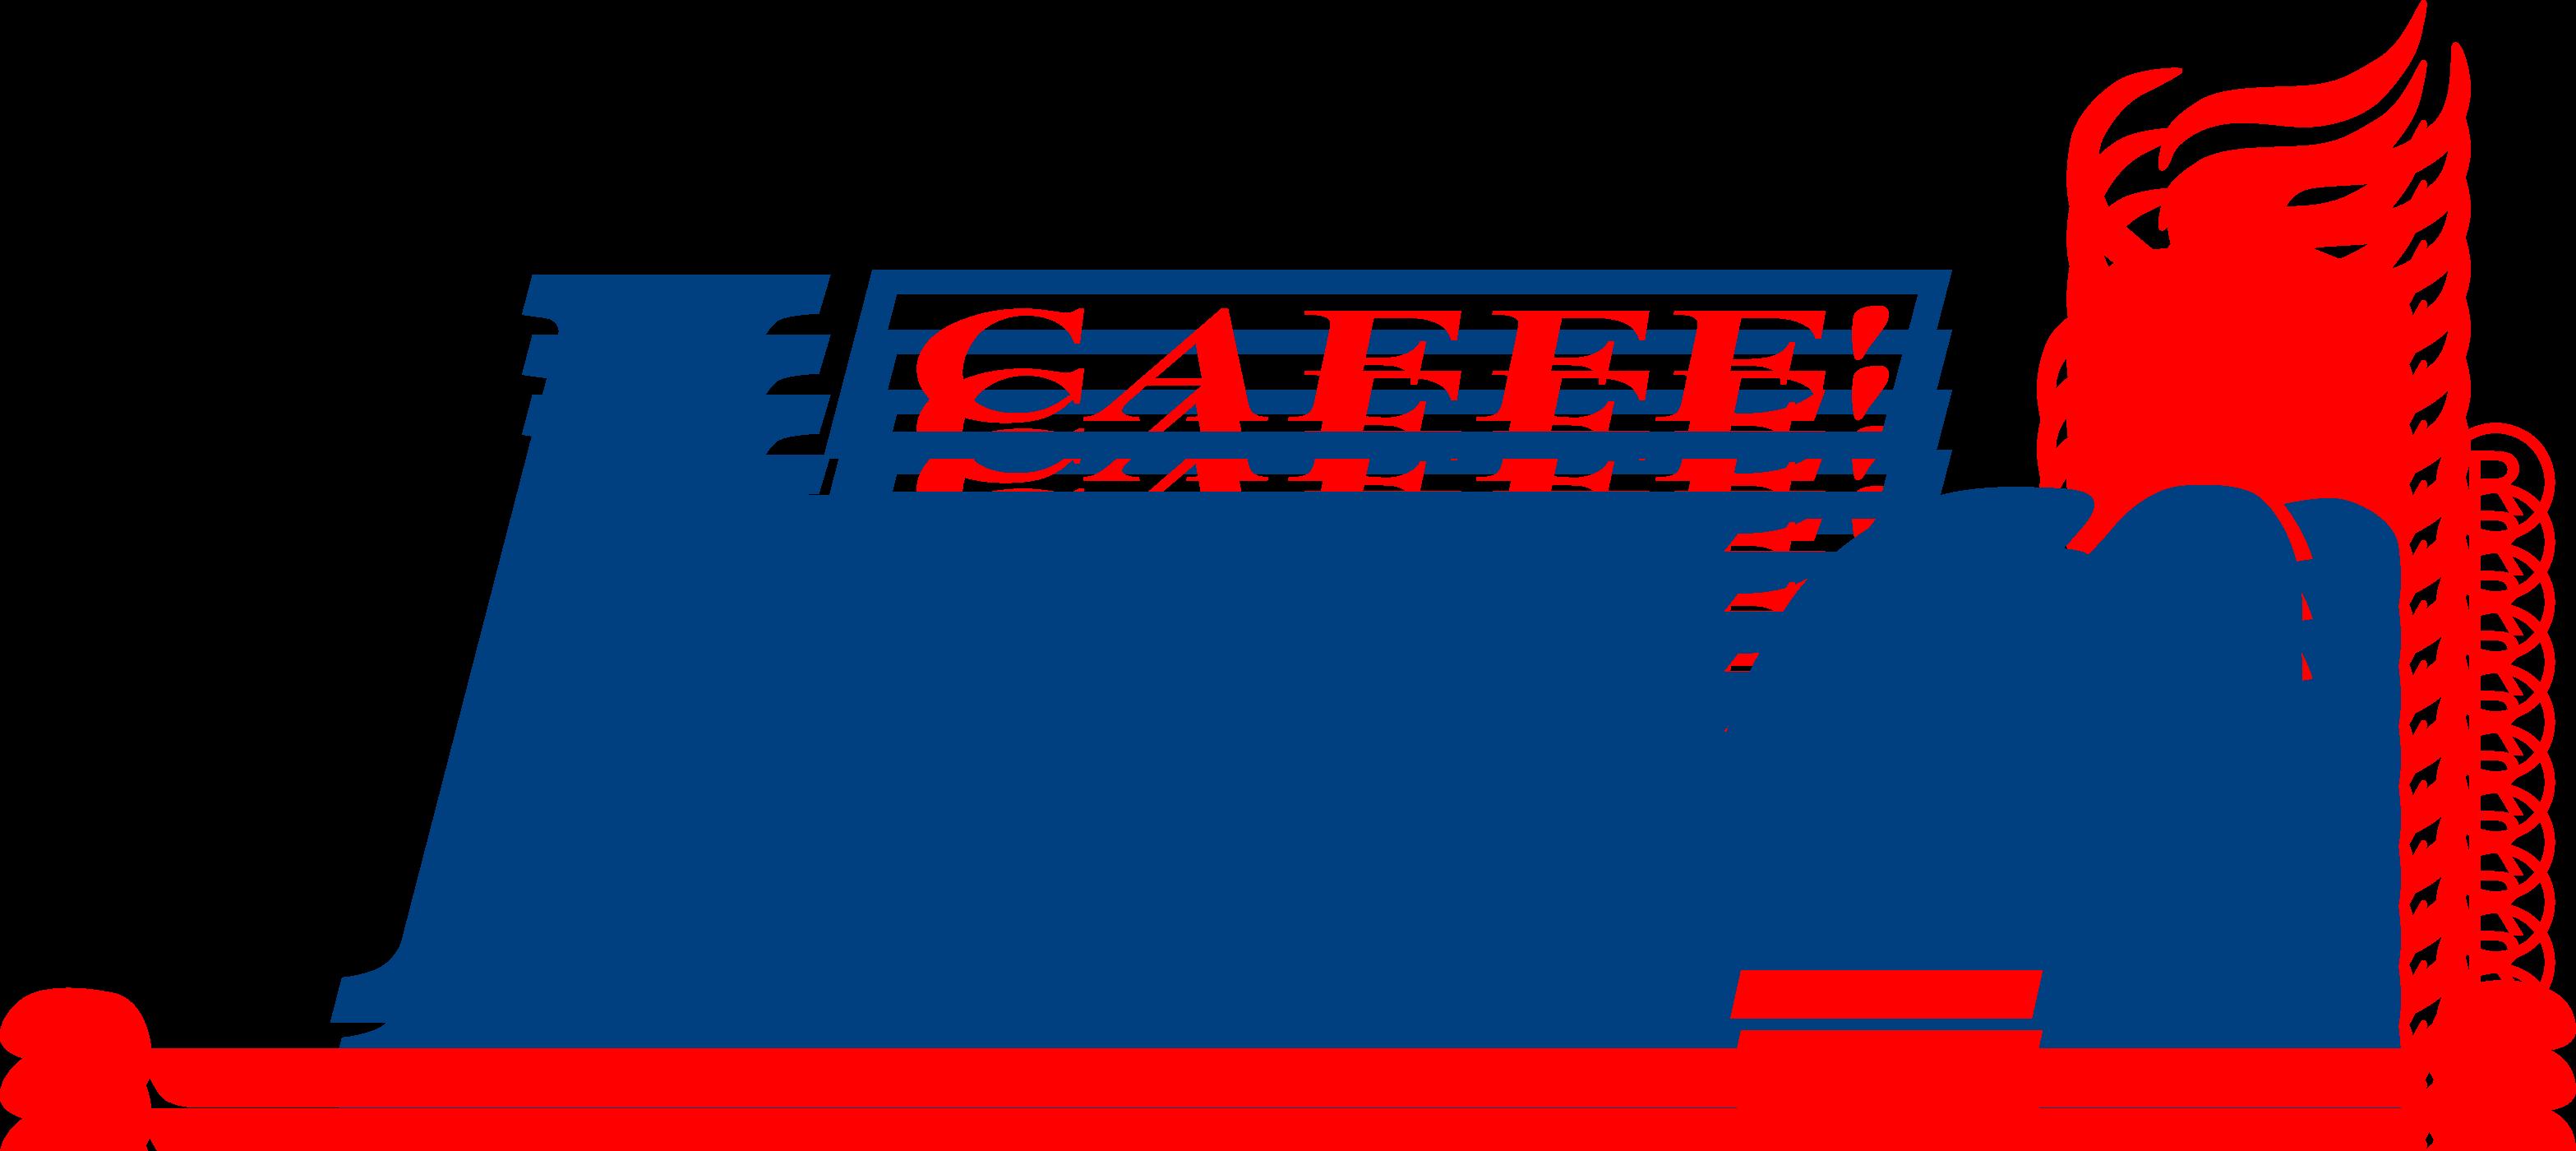 Izzo Caffè